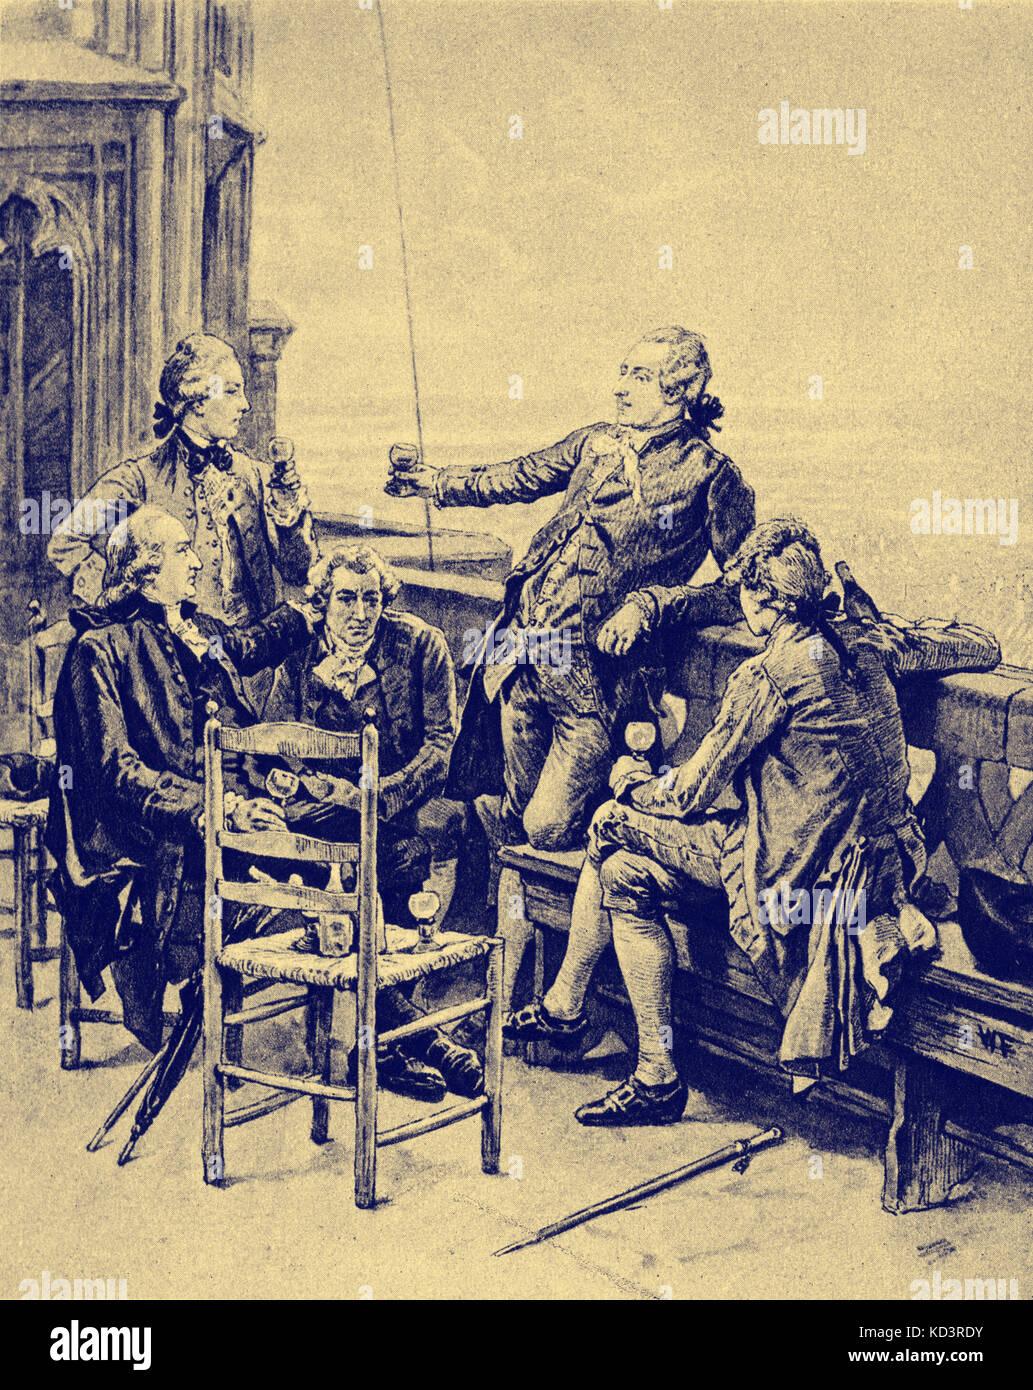 Johann Gottfried Herder, Heinrich Lenz - Jung Stilling, Johann Wolfgang von Goethe, Christian Gotthilf Salzmann, lors d'une soirée d'adieu à la tour Munster de Strasbourg. HGJ : philosophe, poète et critique littéraire allemand, 25 août 1744 – 18 décembre 1803. HL: Physicien allemand balte, 12 février 1804 - 10 février 1865. JS: Auteur allemand, 12 septembre 1740 - 2 avril 1817. JWG : écrivain allemand, 28 août 1749 – 22 mars 1832. CGS : fondateur de l'institution Schnepfenthal, 1744 – 1811. Banque D'Images